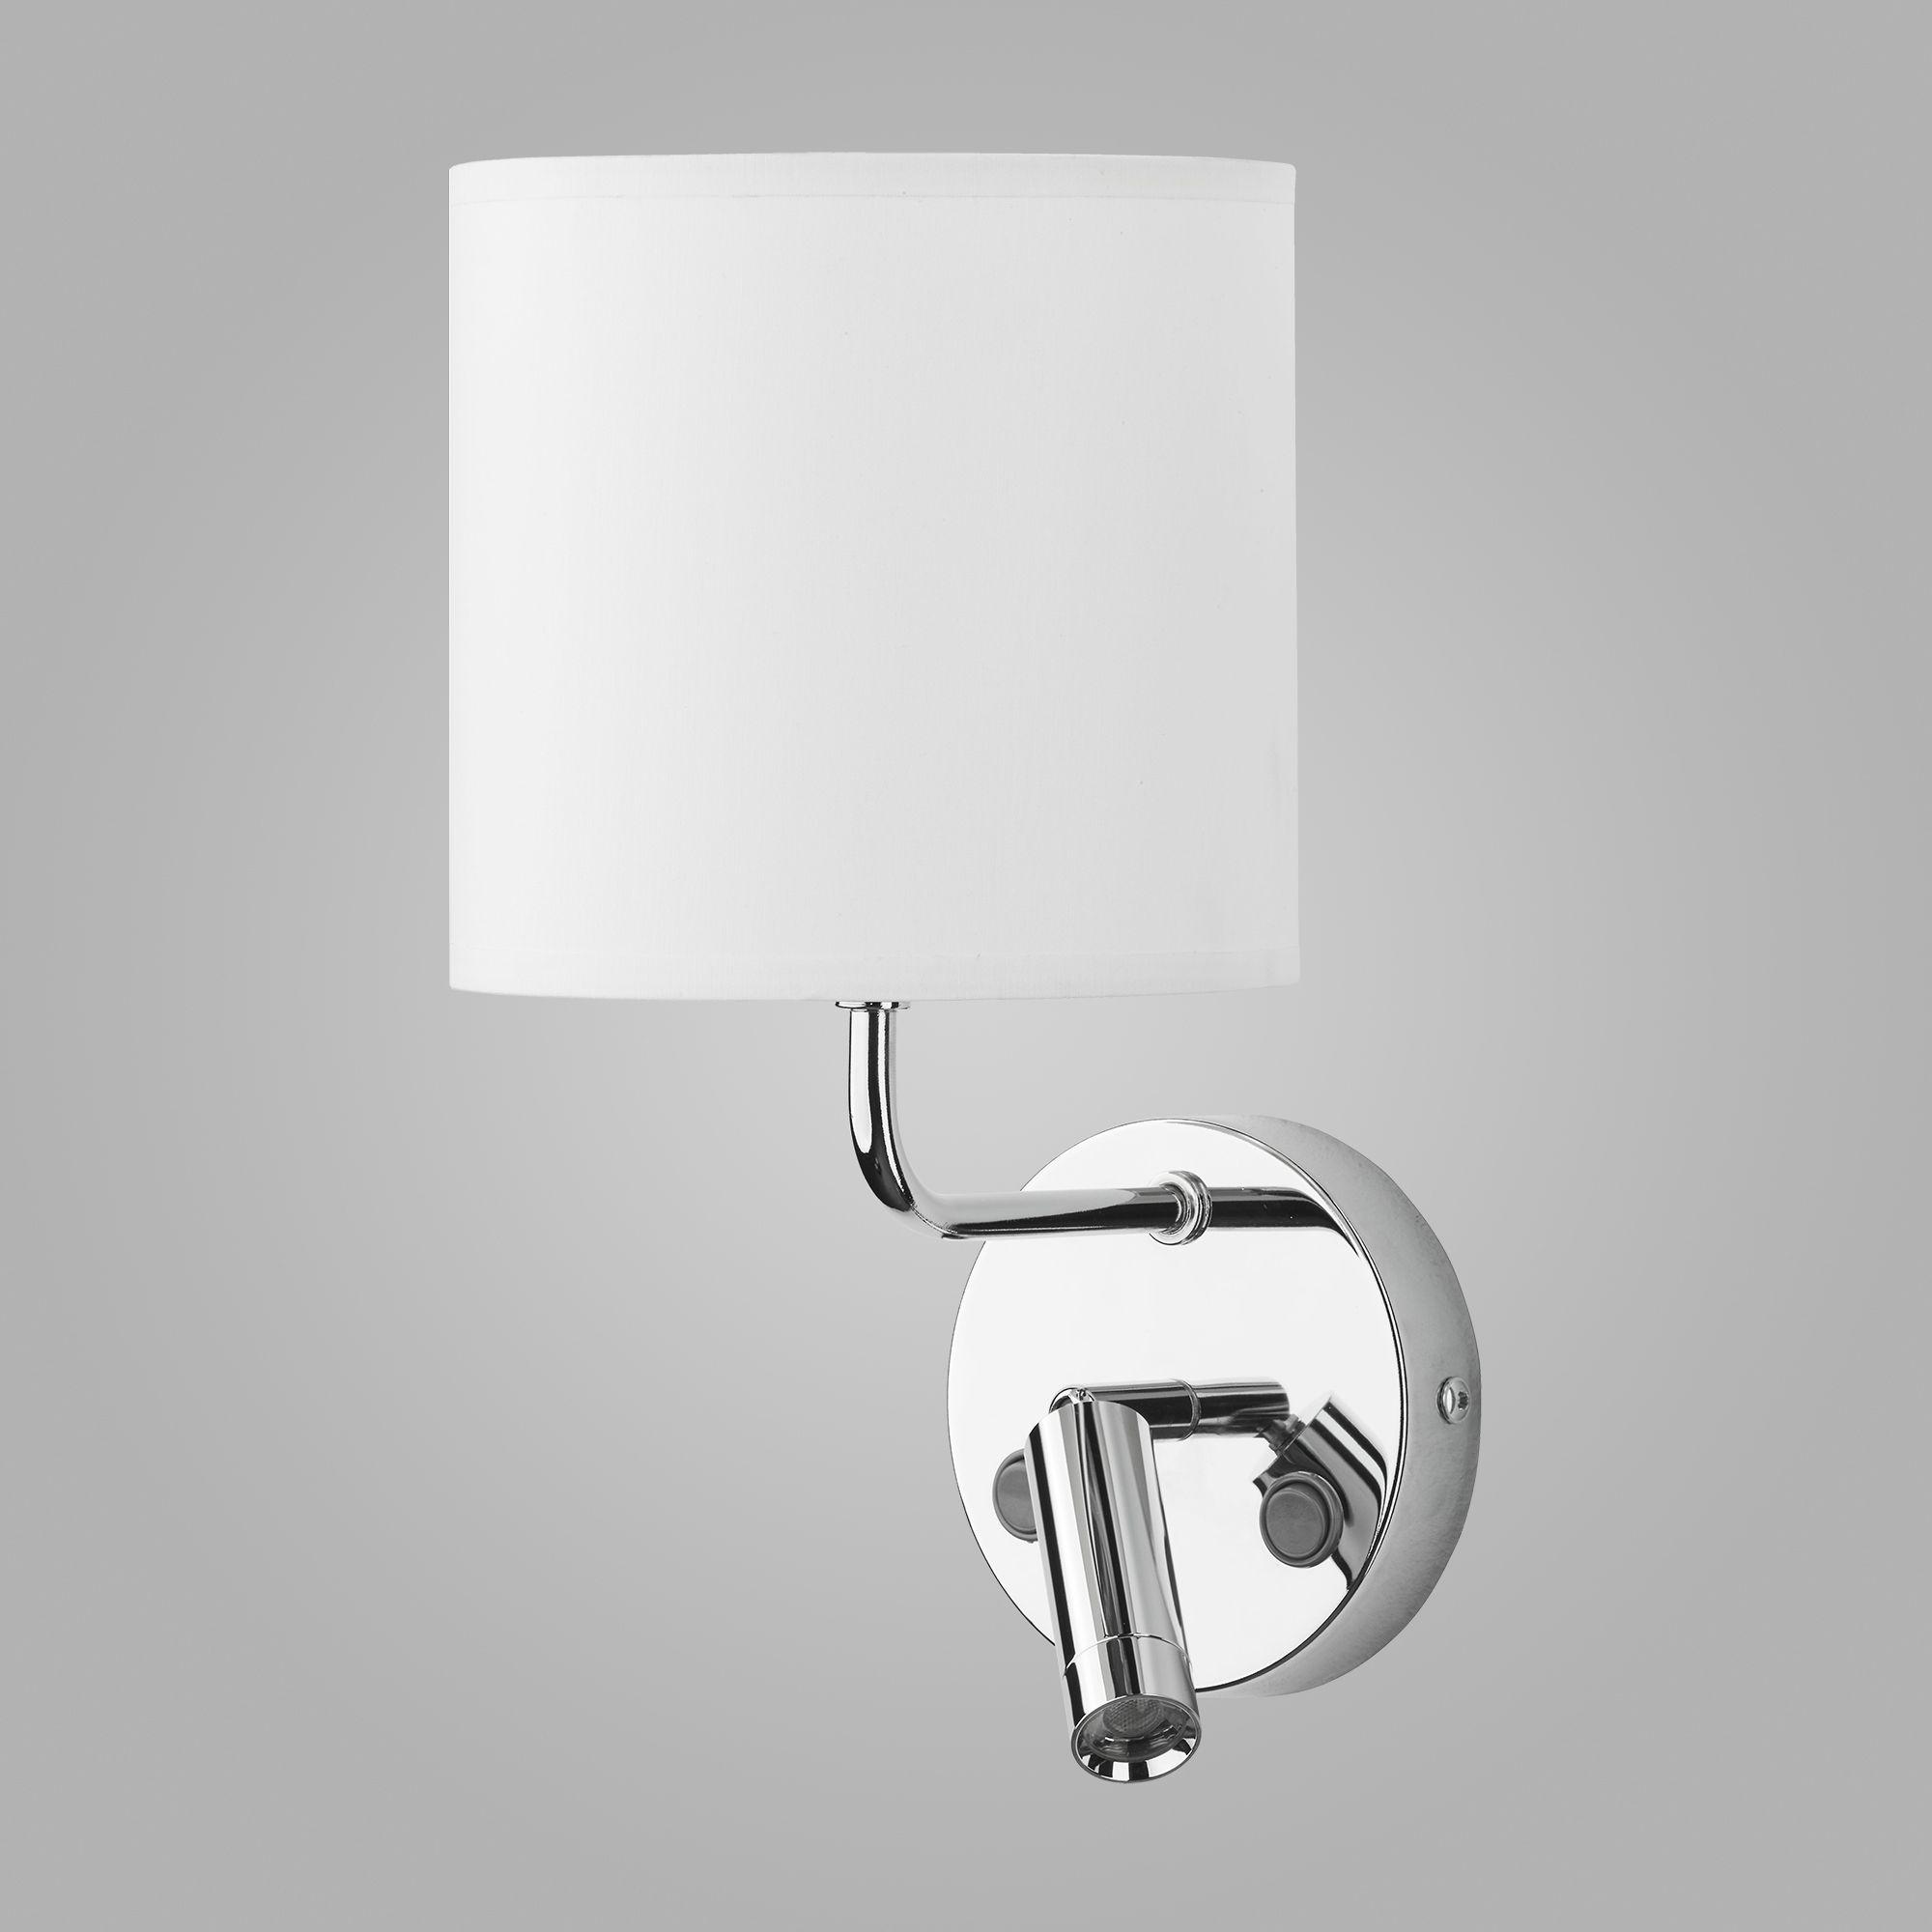 Настенный светильник с абажуром 4233 Enzo